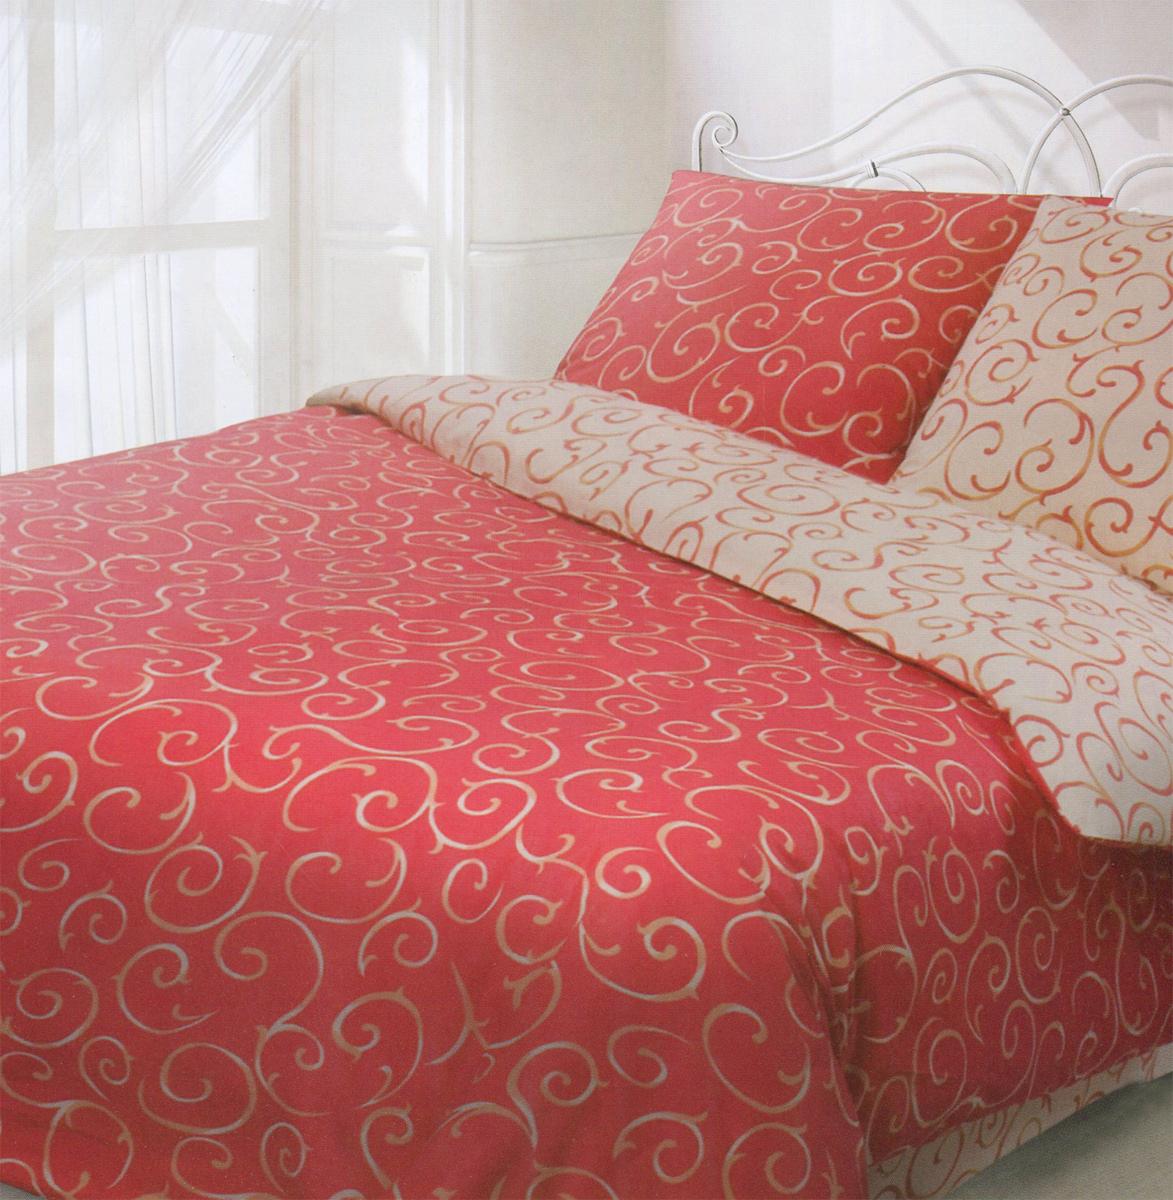 Комплект белья Гармония Барокко, евро, наволочки 70x70, цвет: красный, бежевый190815Комплект постельного белья Гармония Барокко является экологически безопасным, так как выполнен из поплина (100% хлопок). Комплект состоит из пододеяльника, простыни и двух наволочек. Постельное белье оформлено оригинальным орнаментом и имеет изысканный внешний вид. Постельное белье Гармония - лучший выбор для современной хозяйки! Его отличают демократичная цена и отличное качество. Гармония производится из поплина - 100% хлопковой ткани. Поплин мягкий и приятный на ощупь. Кроме того, эта ткань не требует особого ухода, легко стирается и прекрасно держит форму. Высококачественные красители, которые используются при производстве постельного белья, экологичны и сохраняют свой цвет даже после многочисленных стирок. Благодаря высокому качеству ткани и европейским стандартам пошива постельное белье Гармония будет радовать вас долгие годы!